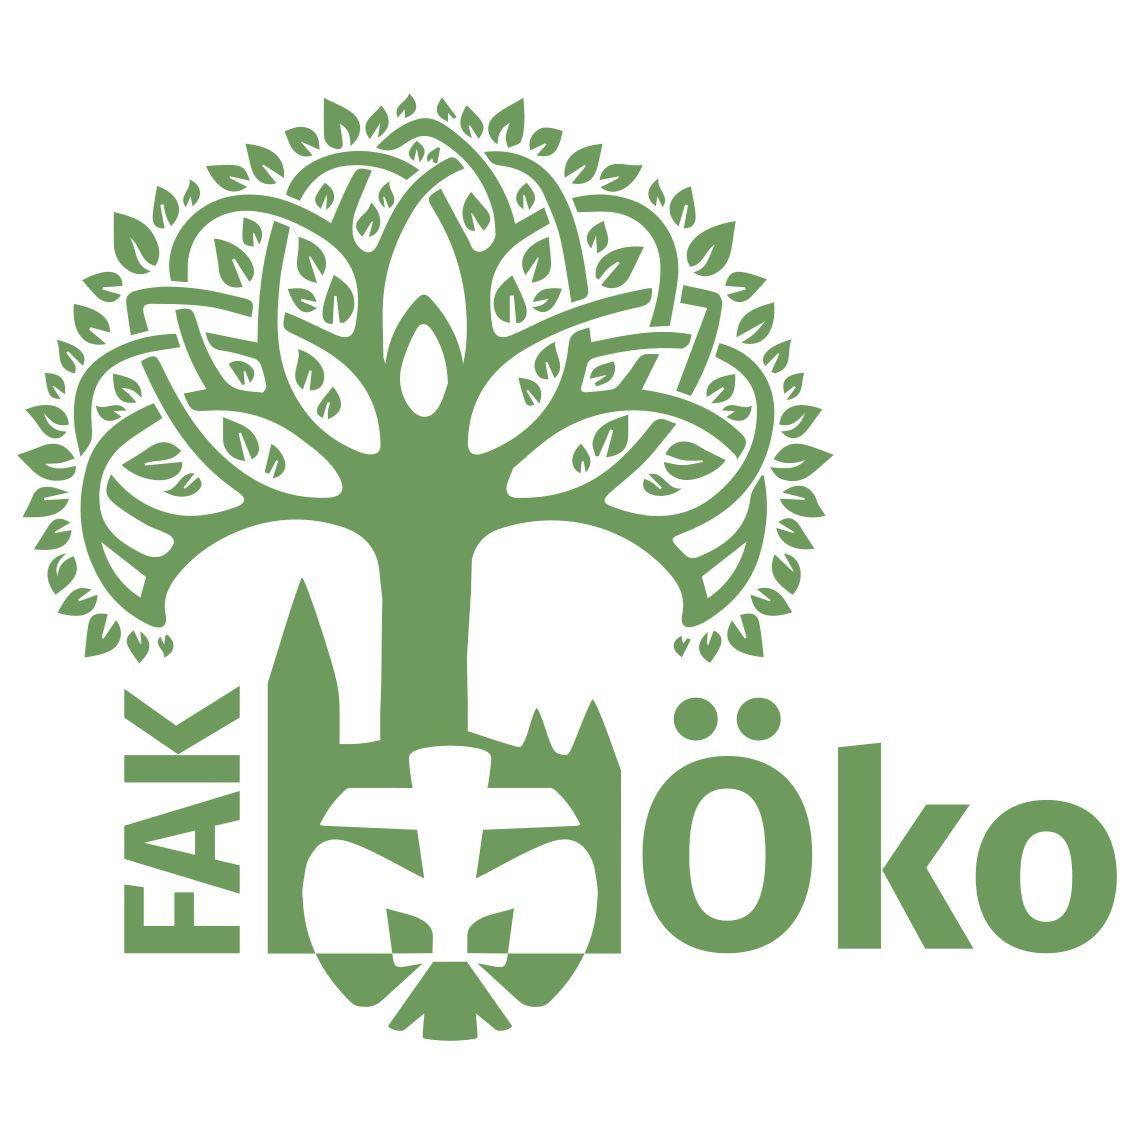 Diözesanfachkonferenz für Ökologie 2021